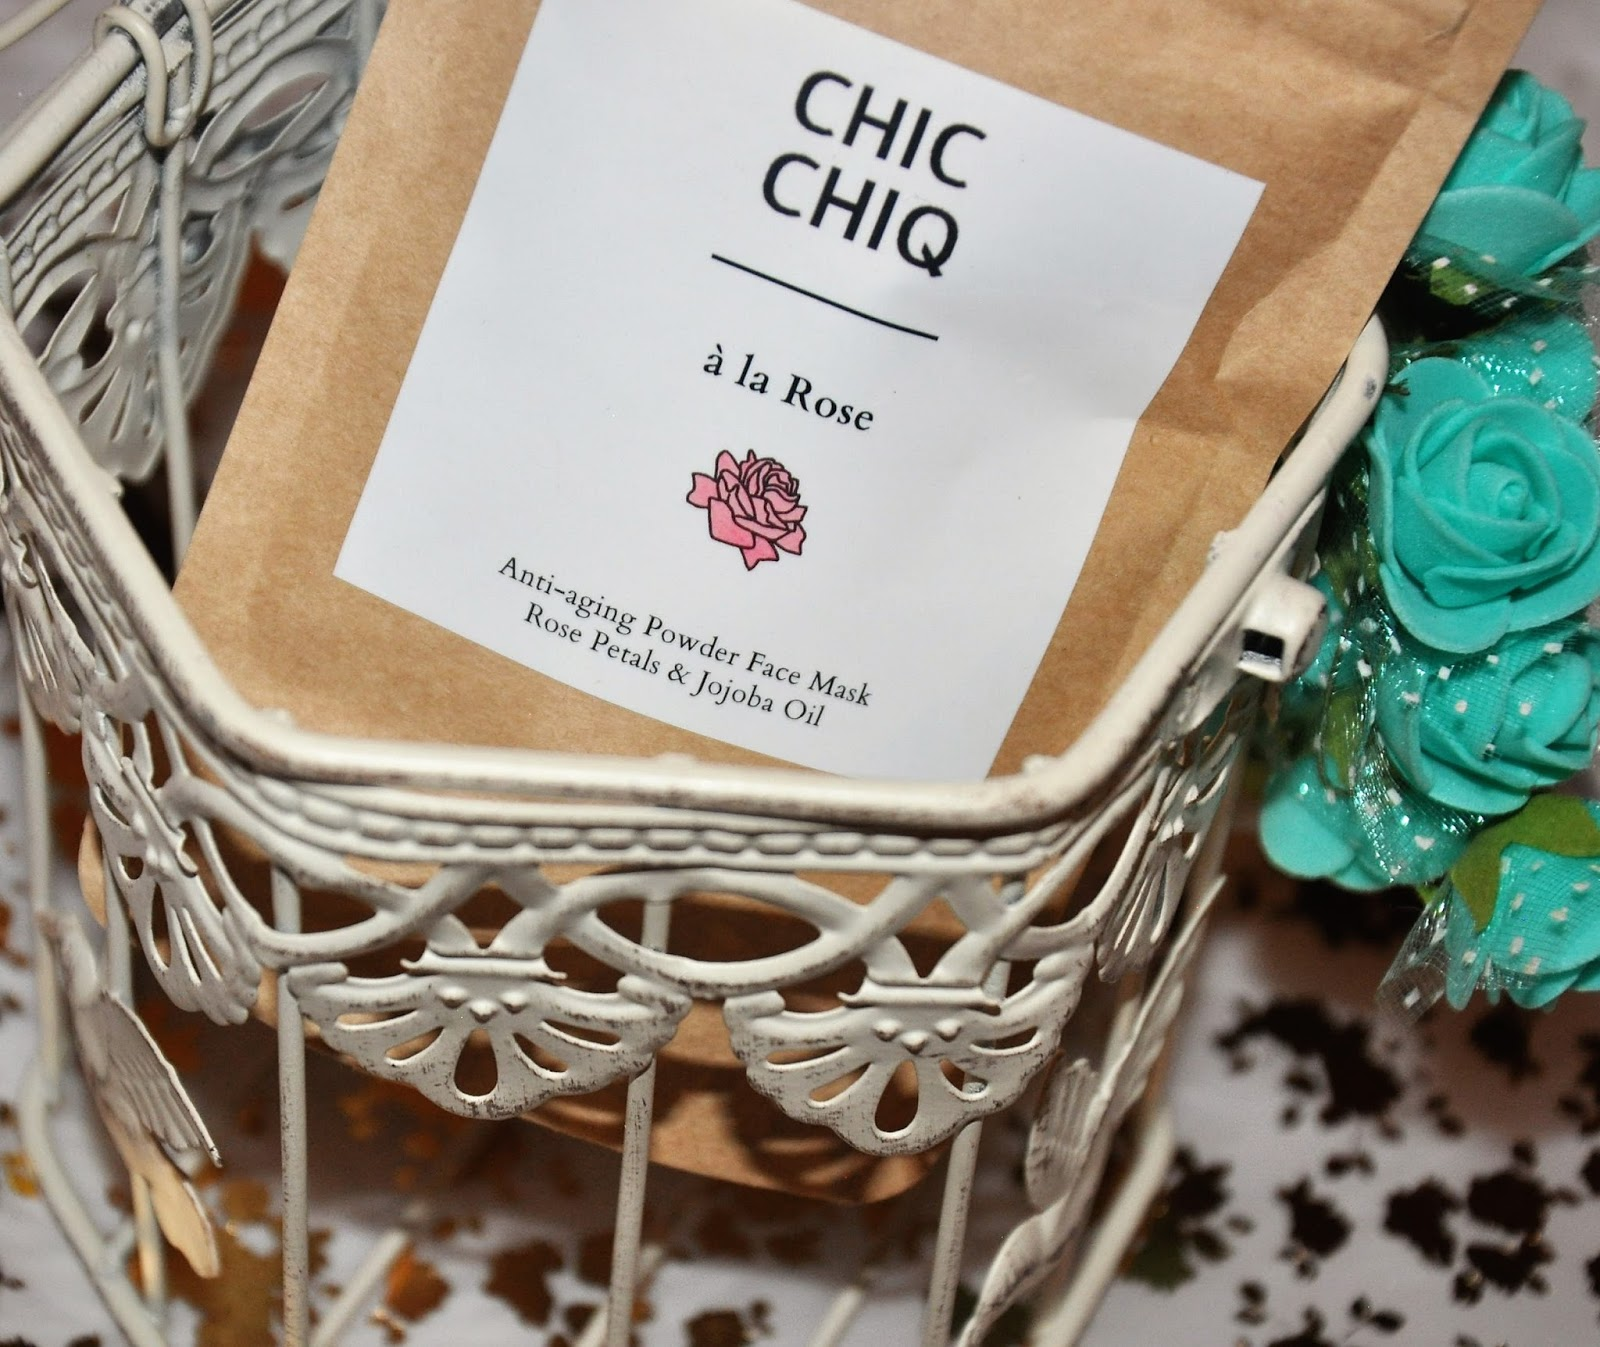 CHIC CHIQ - A la Rose - Maska do twarzy w proszku Odmładzająca i upiększająca maseczka zawierająca płatki róży Damasceńskiej oraz olej jojoba, nadająca skórze zdrowy połysk. Cena: 19,99/ szt  Nie lubię maseczek, które wymagają ode mnie zbyt dużego zaangażowania, a uwierzcie mi że zmieszanie proszku z wodą czasami bywa dla mnie wyczynem.  Dlatego najczęściej wybieram maseczki w płachcie.